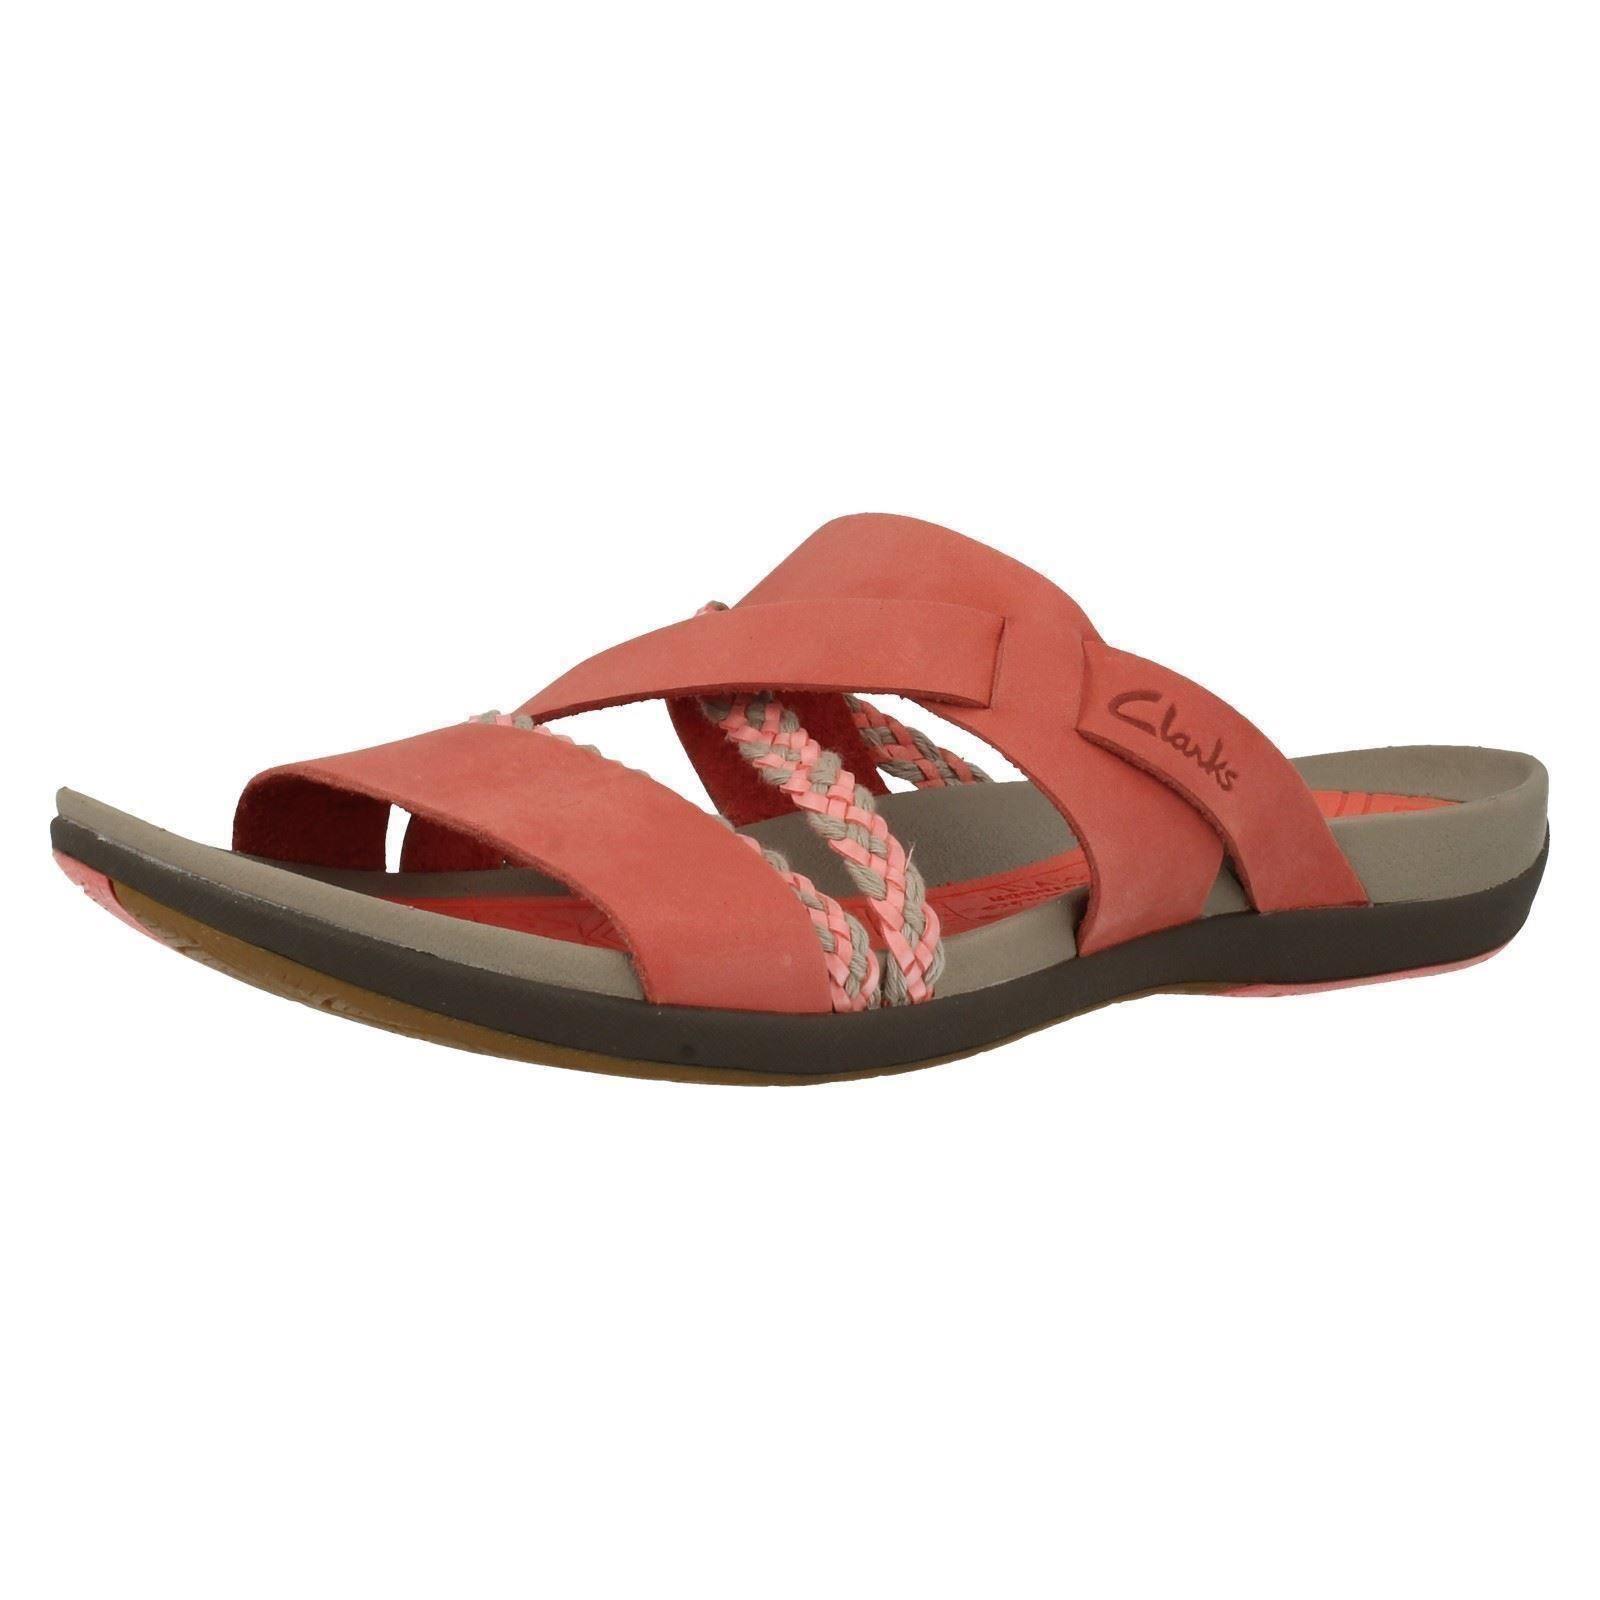 clarks tealite slide sandals